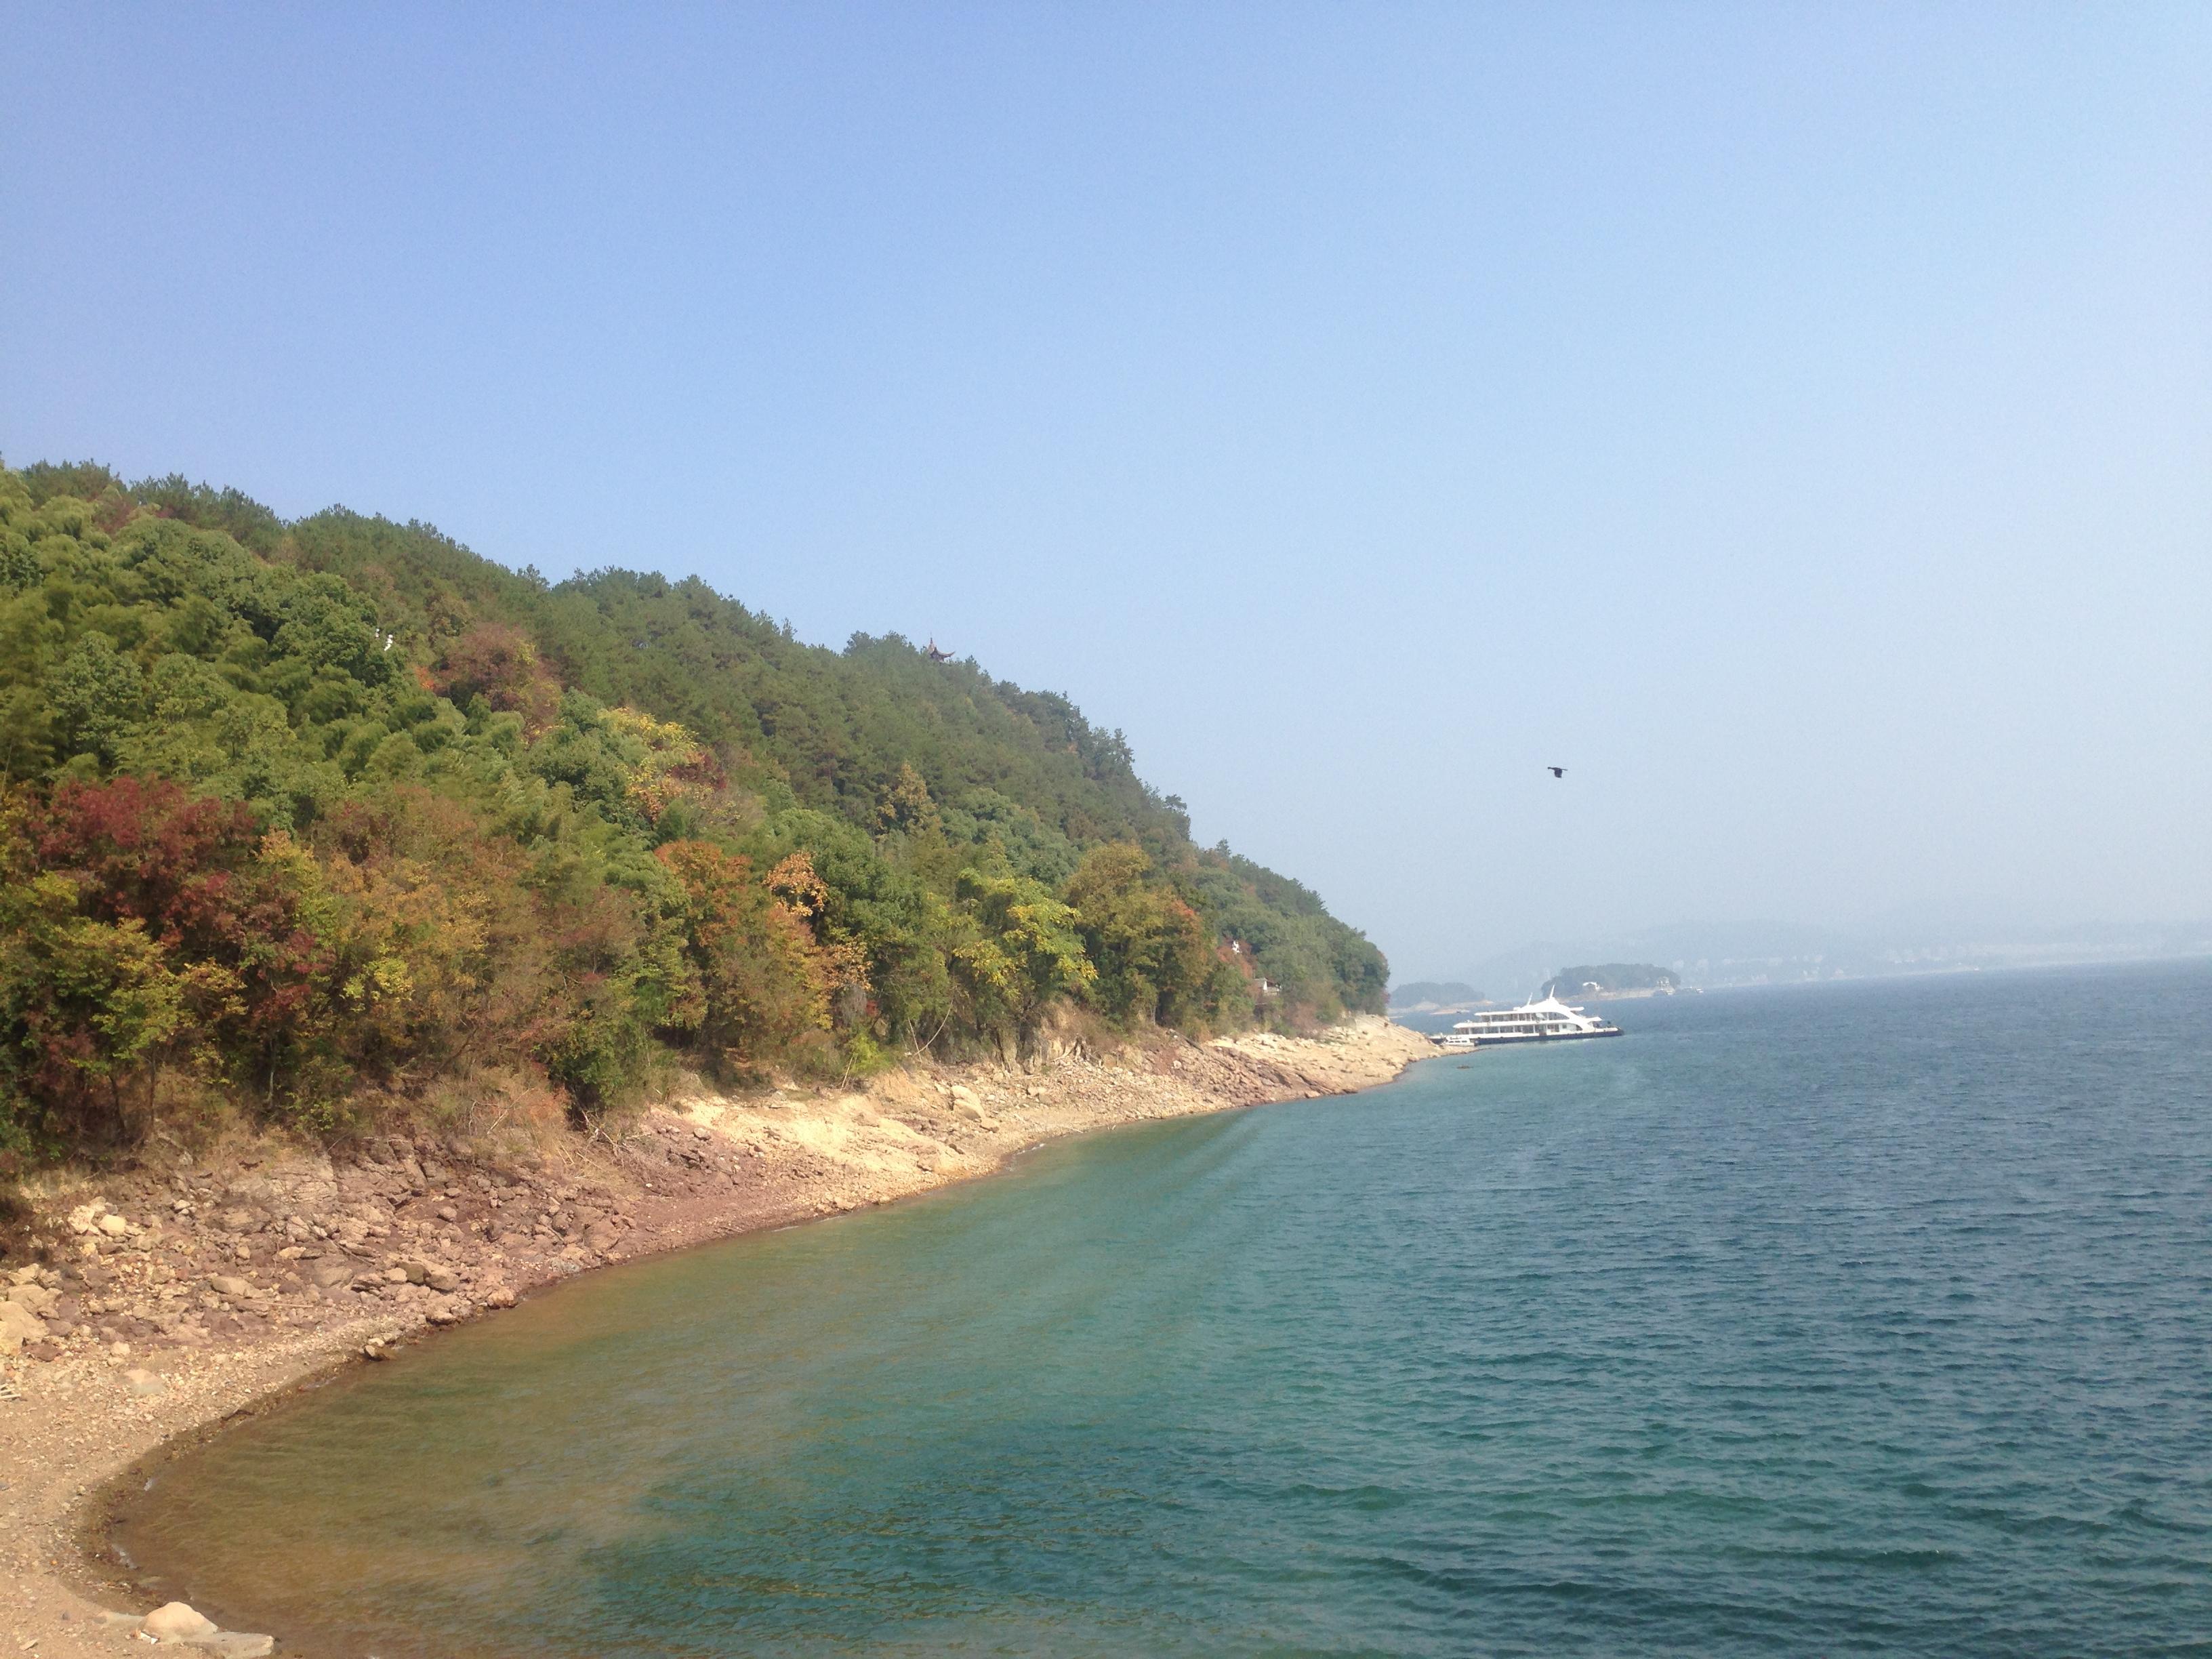 龙山岛景色,美丽的湖湾,海公